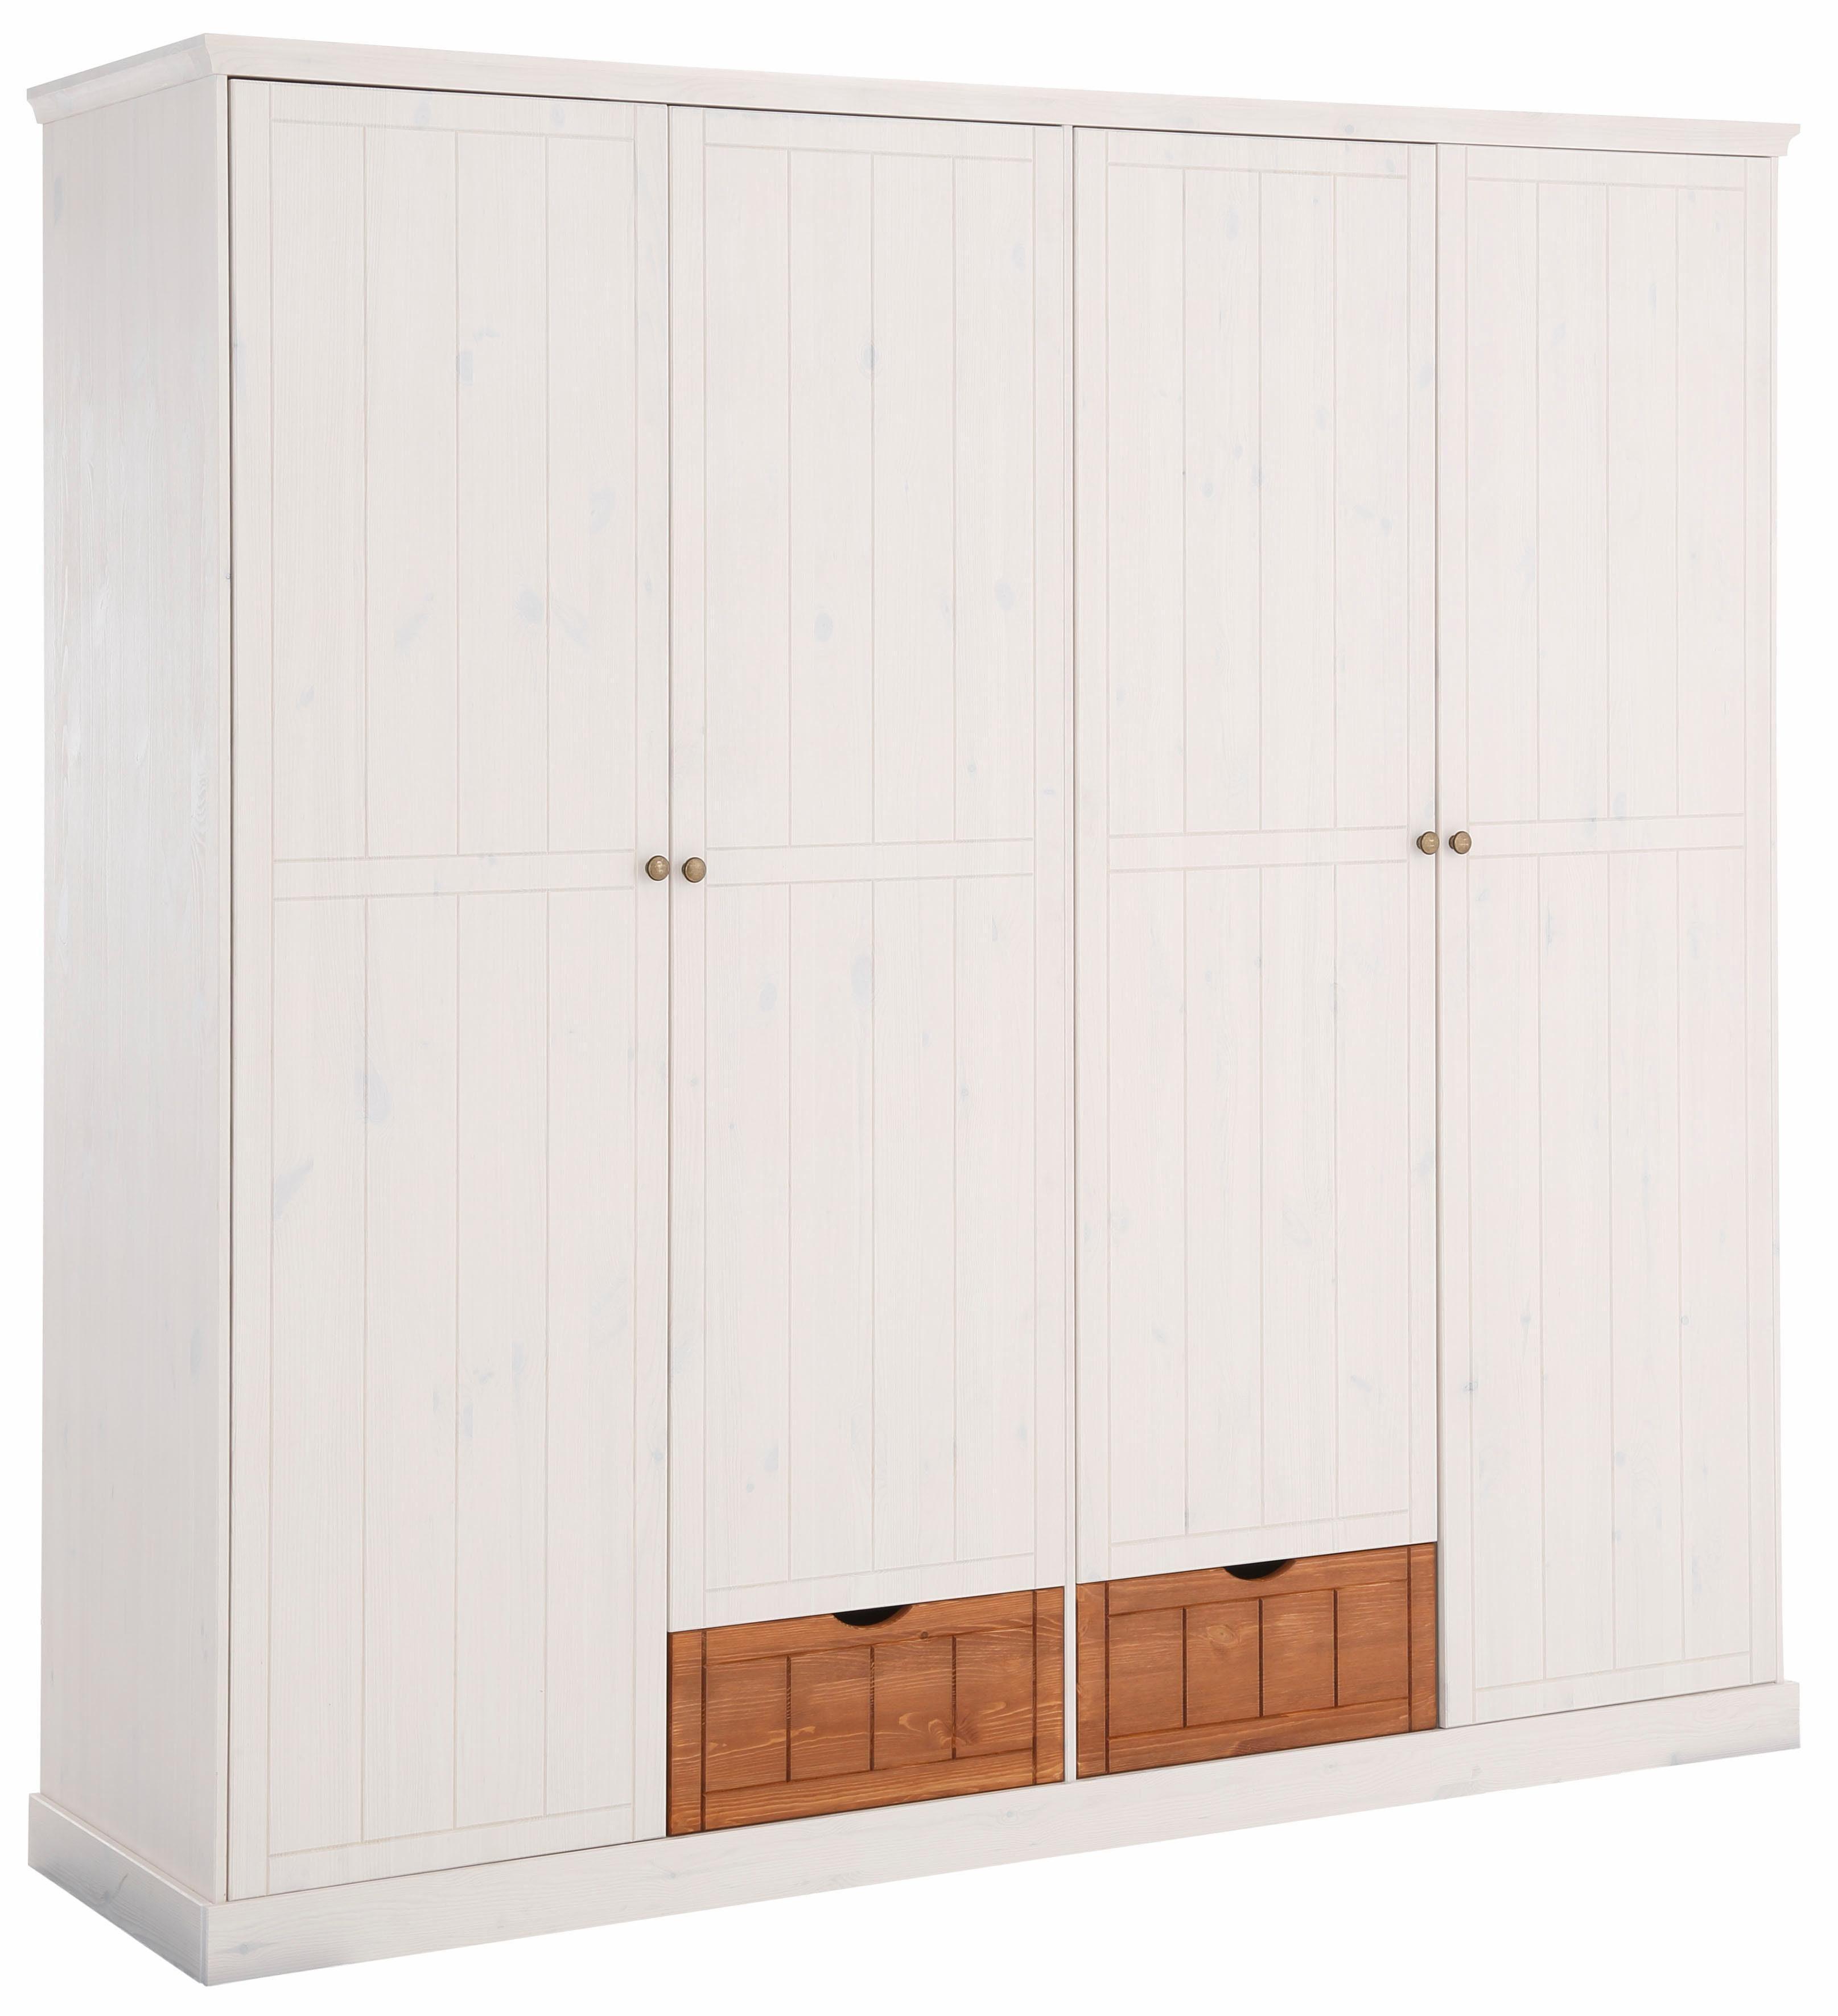 Home affaire Kleiderschrank «Bristol», 2-, 3-, 4-, oder 5-türig, 2-farbig